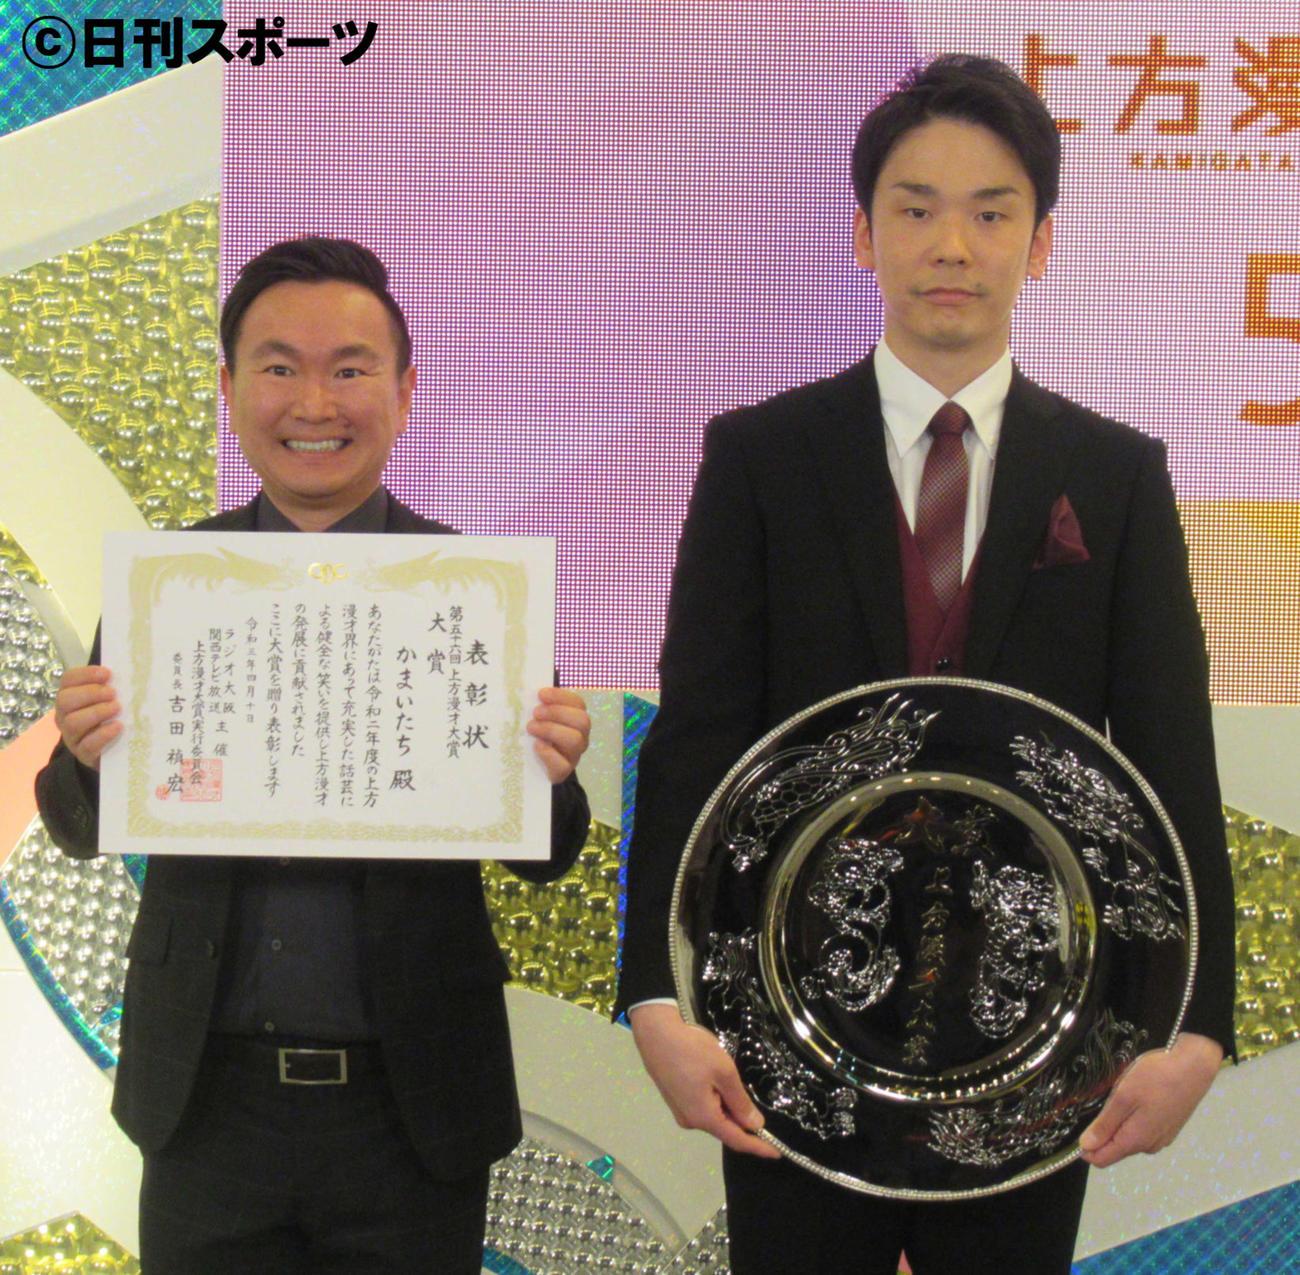 大賞を受賞した、かまいたちの山内(左)と濱家